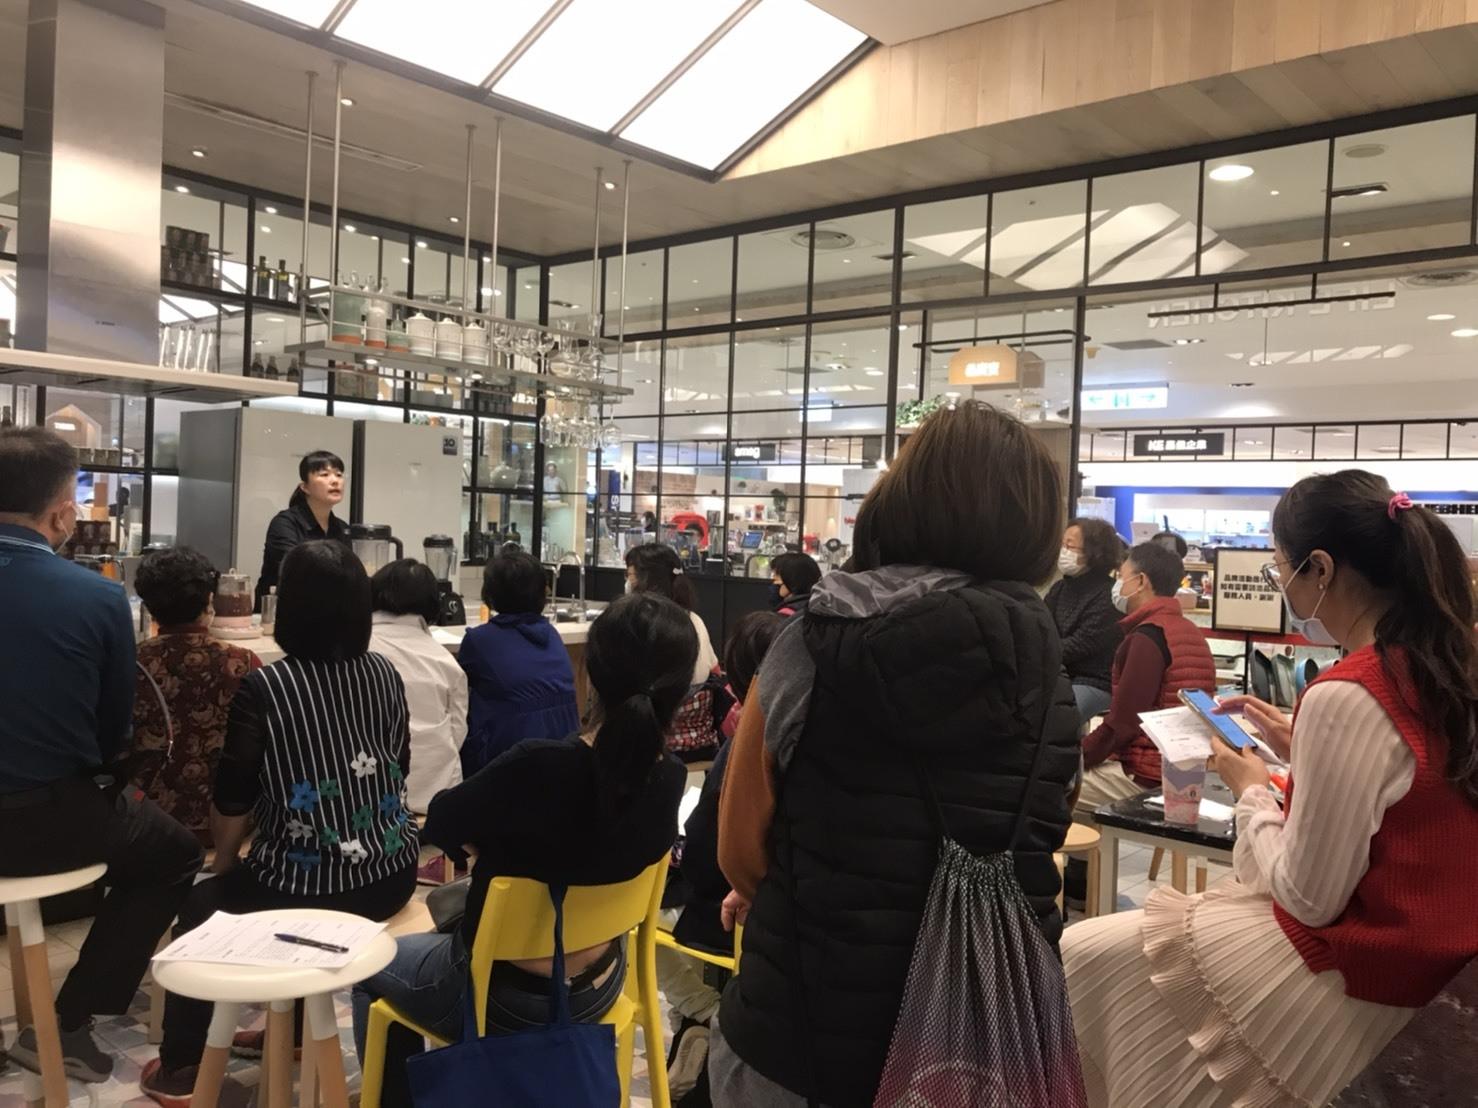 大侑台中新光百貨專櫃健康食尚分享料理-分享會現場-Vitamix調理機-S30-E320-陳月卿(l-02